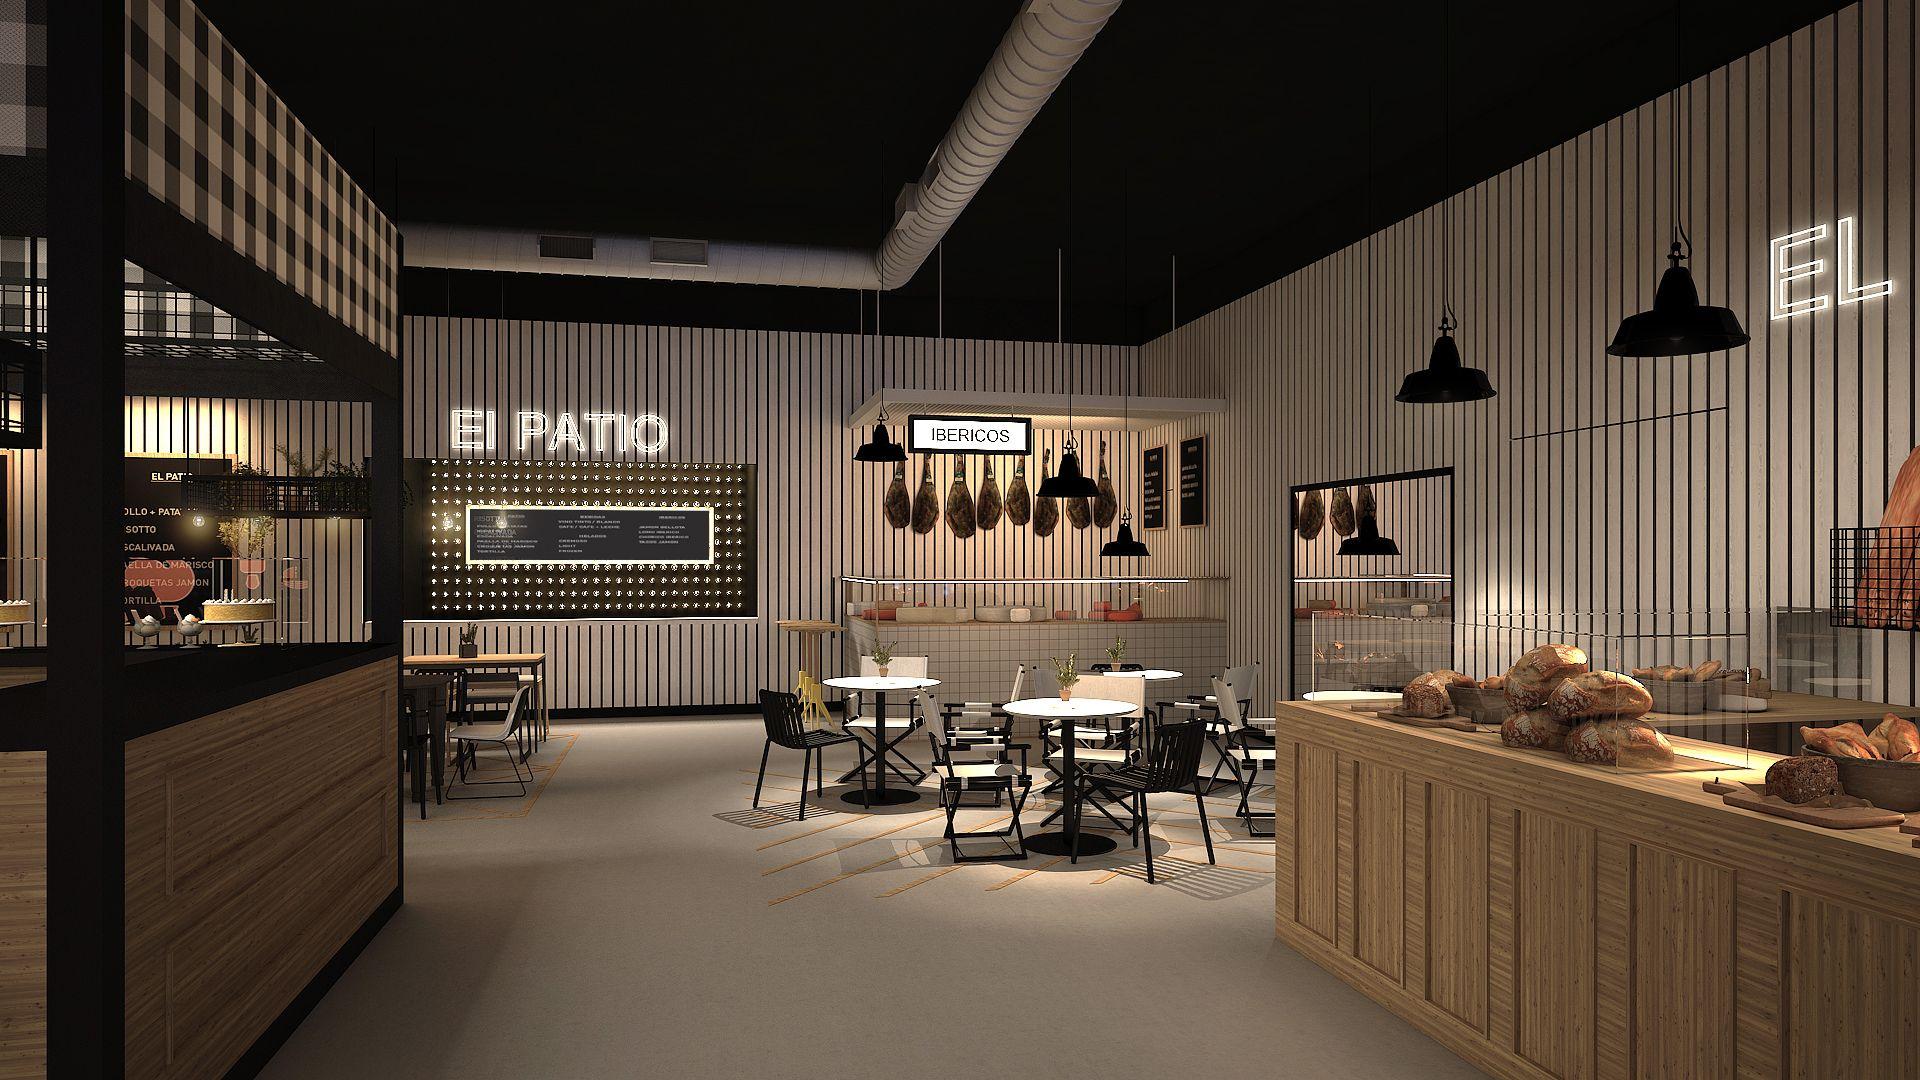 Food Court. Restaurante: Proyectos de Interiorismo Miriam Barrio